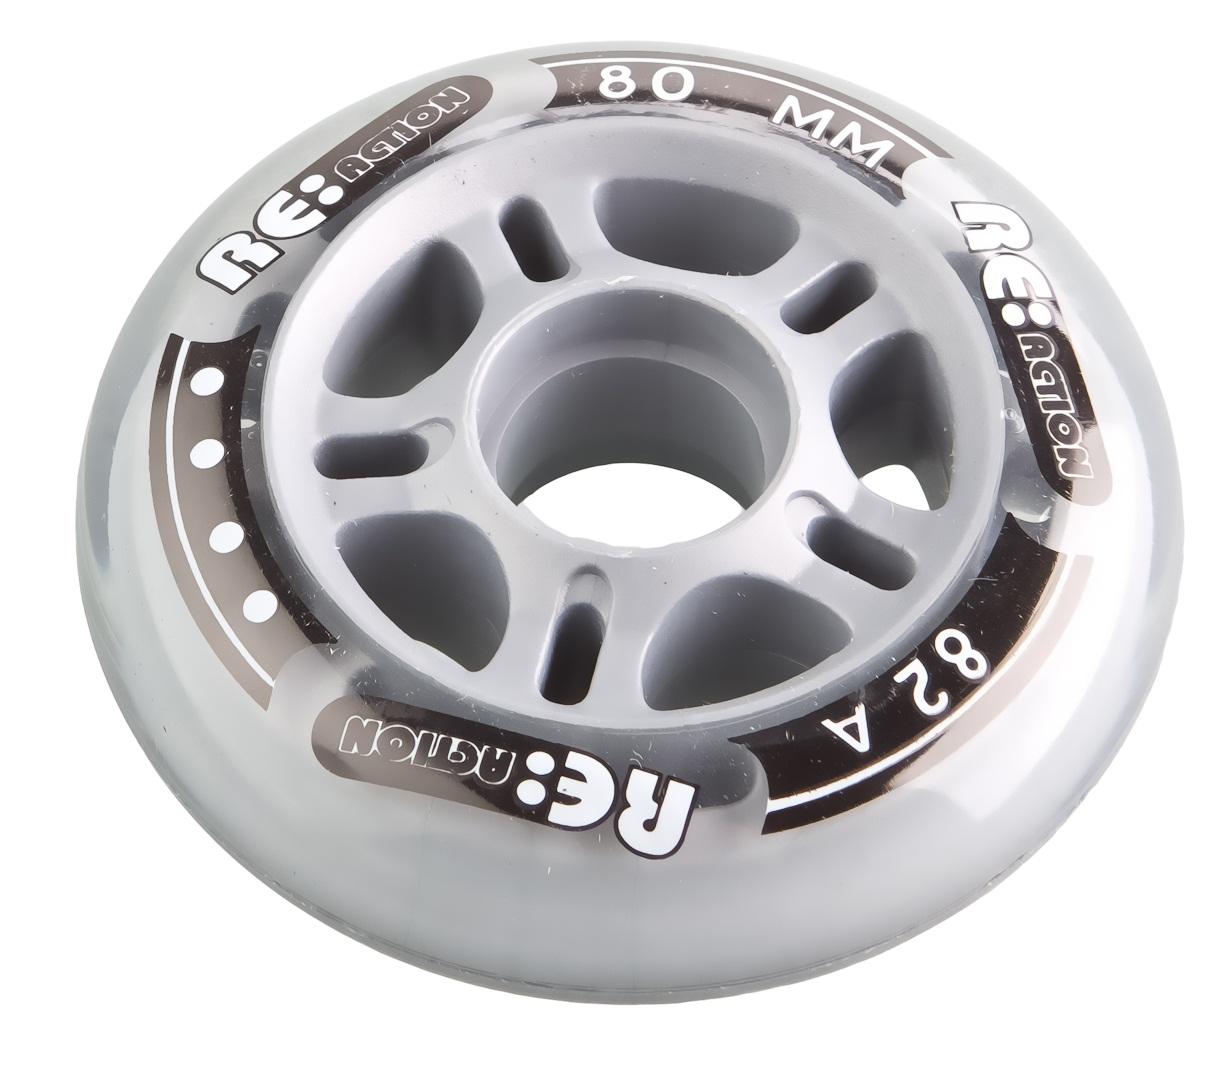 REACTION Набор колес для роликов REACTION 80 мм, 82А, 4 шт reaction колесо для самоката reaction 125 мм